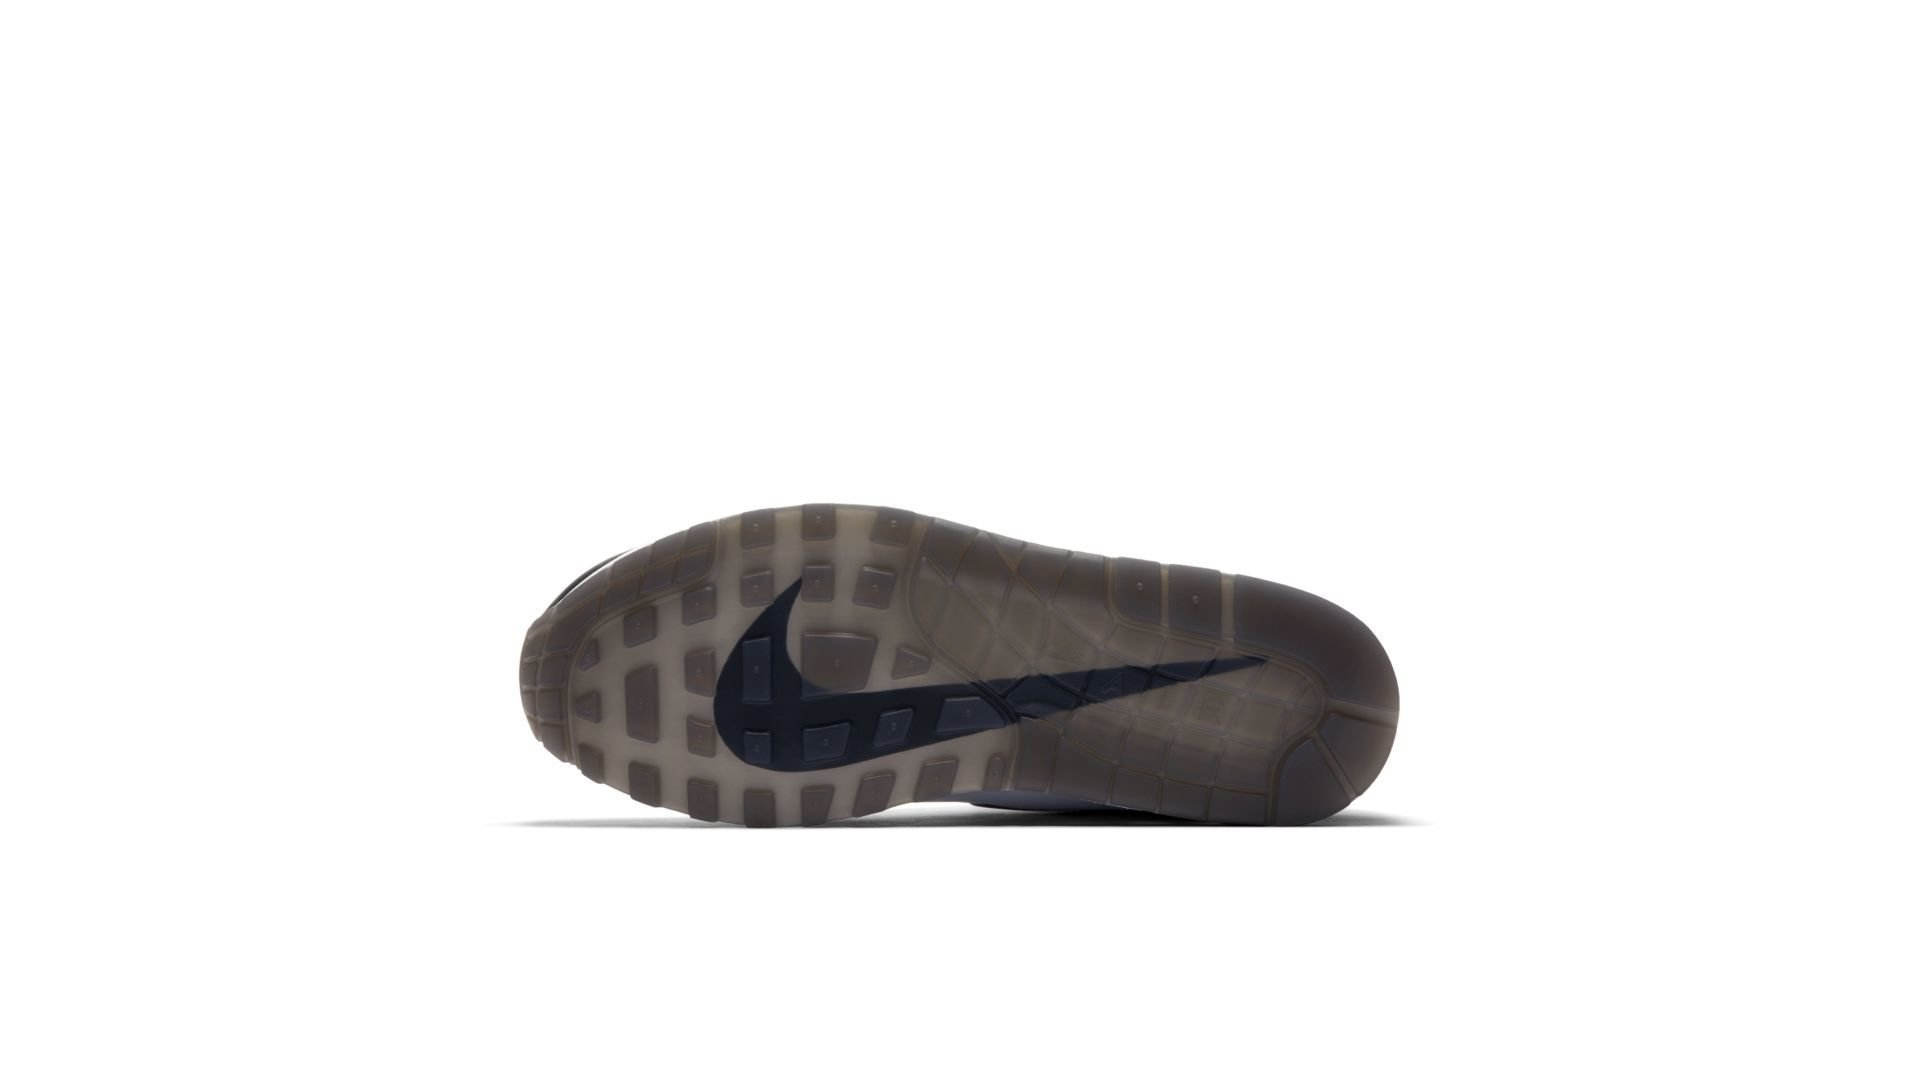 Nike Air Max 1 Premium Jewel (918354-100)